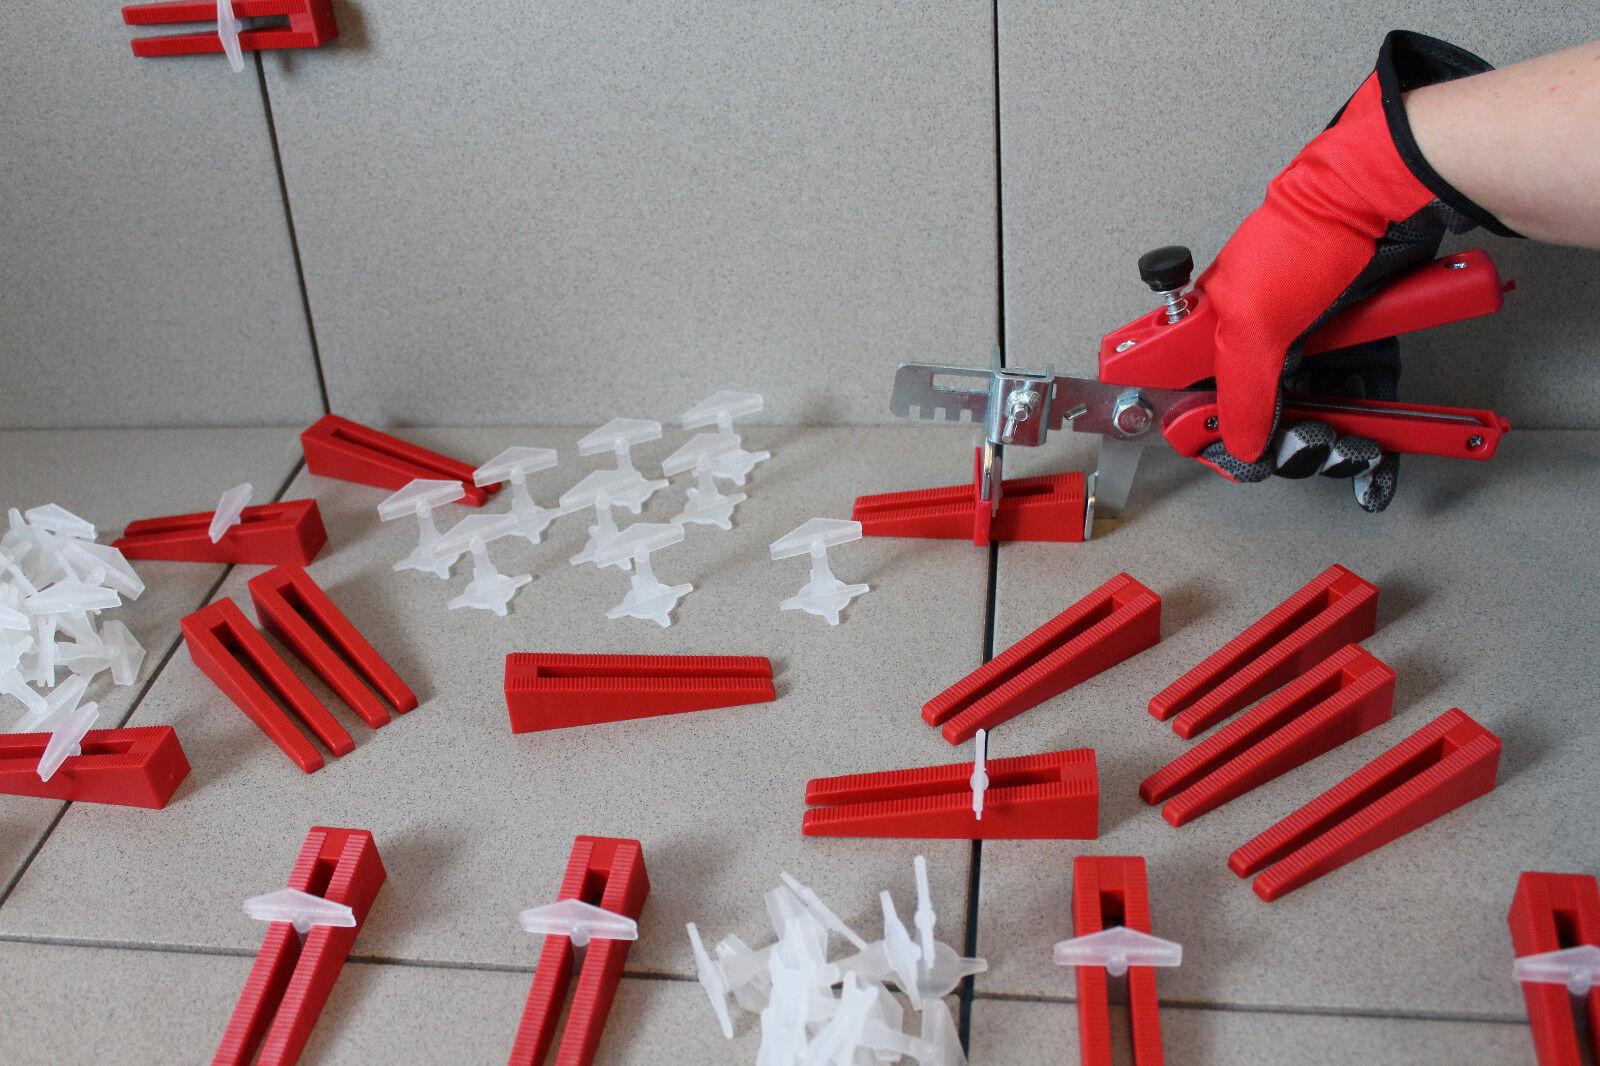 Fliesenwaschset Fliesenwaschset Fliesenwaschset  Werkzeugset und KABOUFIX Fliesen Nivelliersystem Starterset | Ich kann es nicht ablegen  | Abgabepreis  | 2019  24c9d9